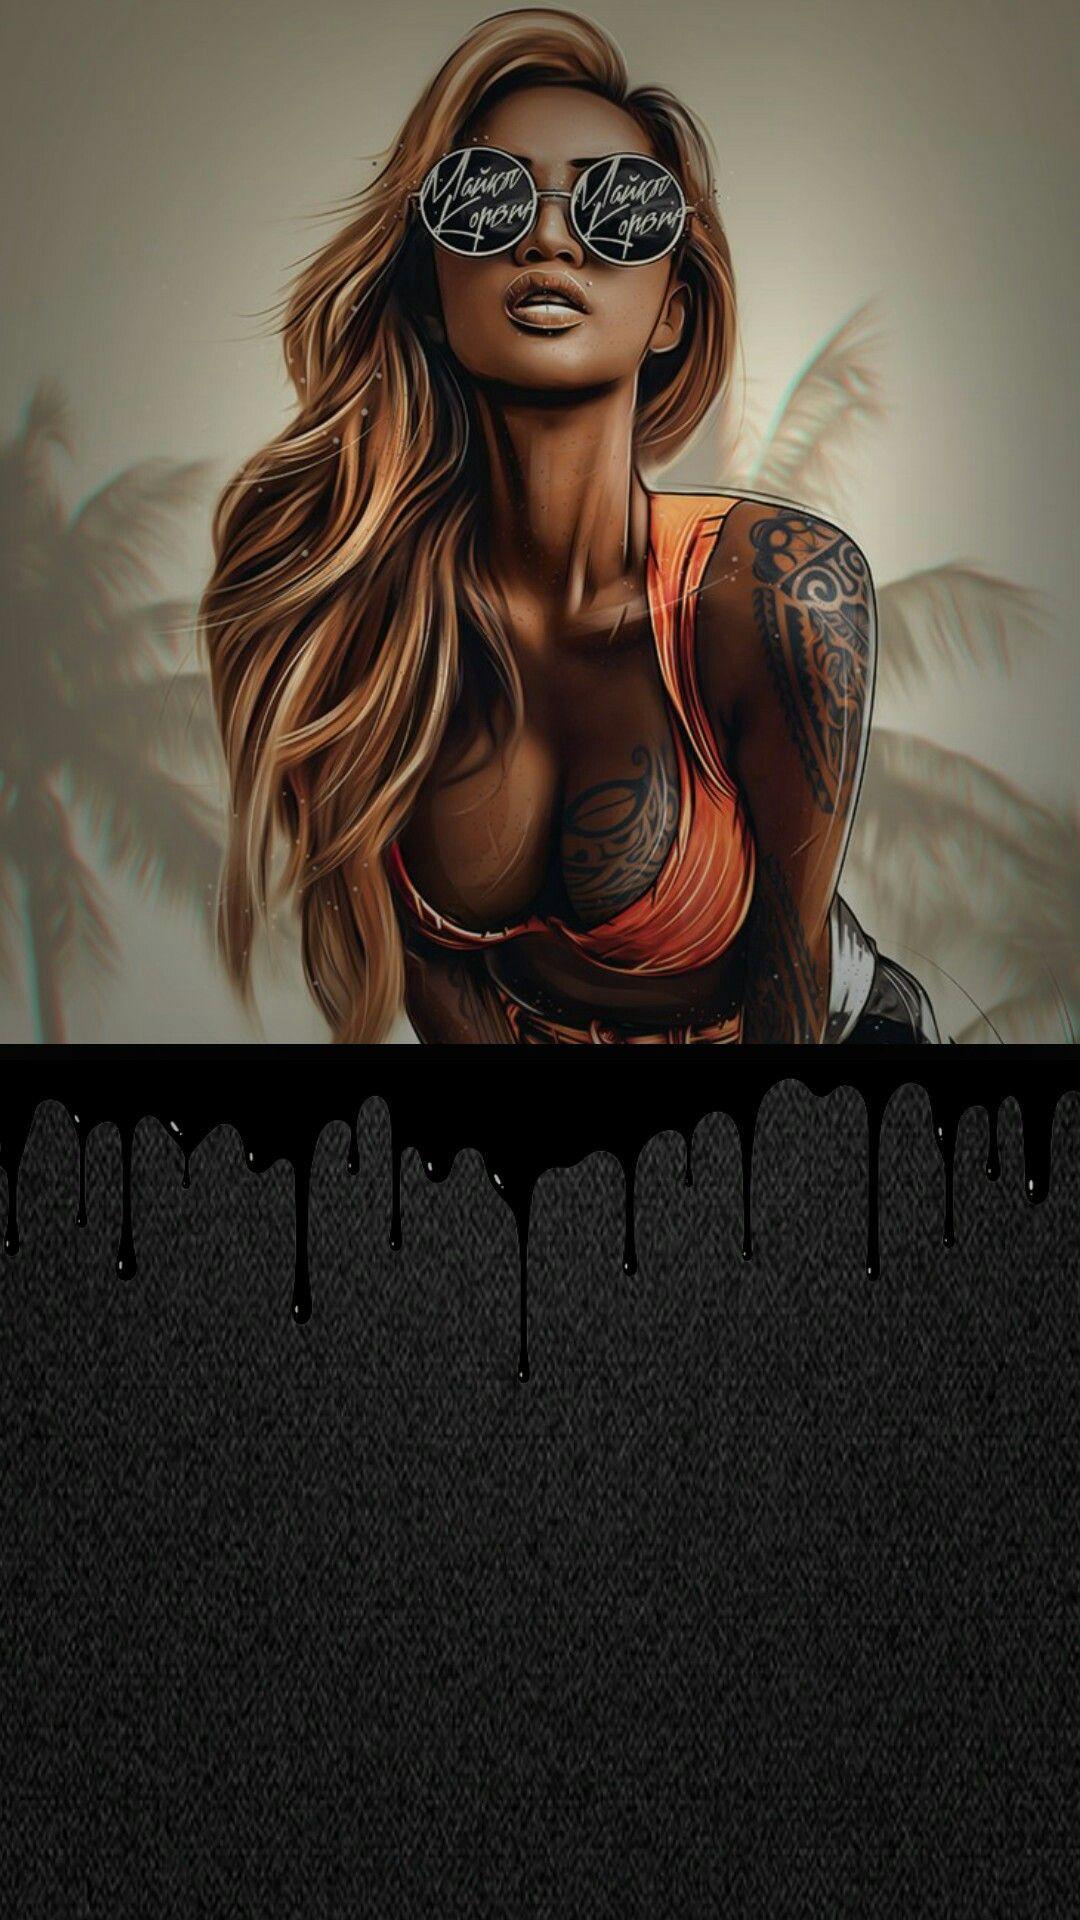 Pin On Art Tattoo wallpaper 4k iphone